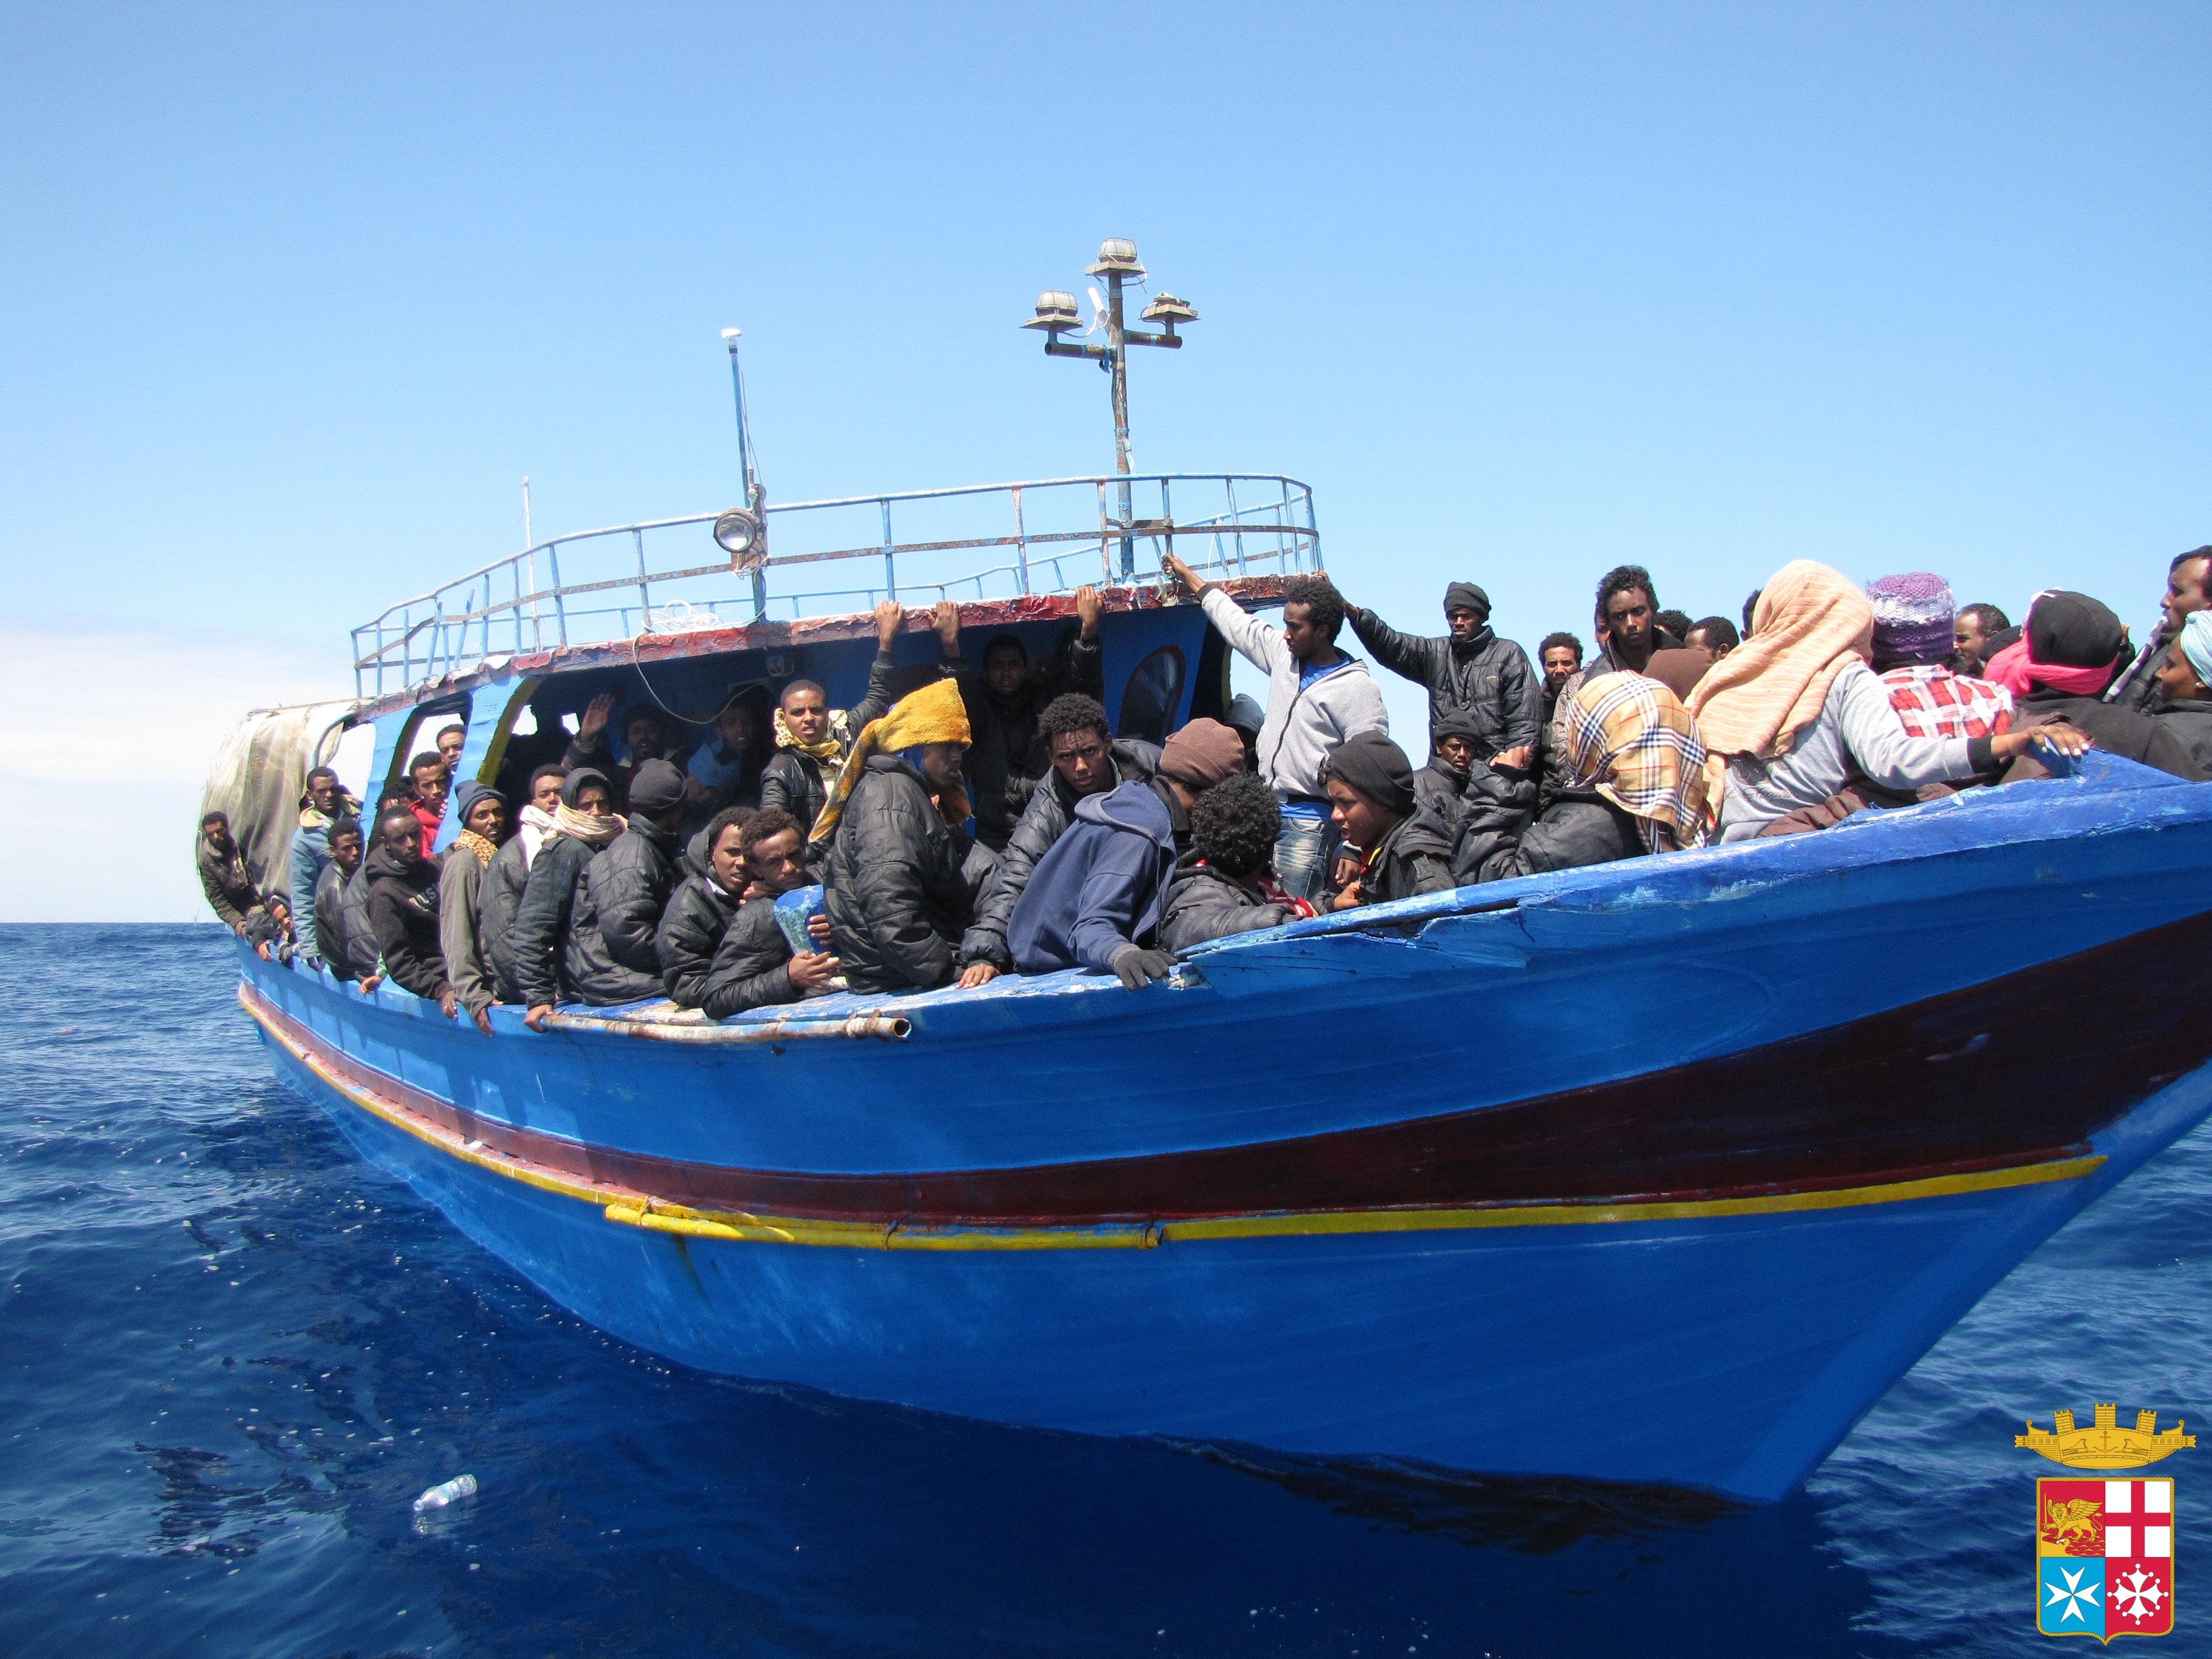 mare-nostrum-marina-lampedusa-migranti7